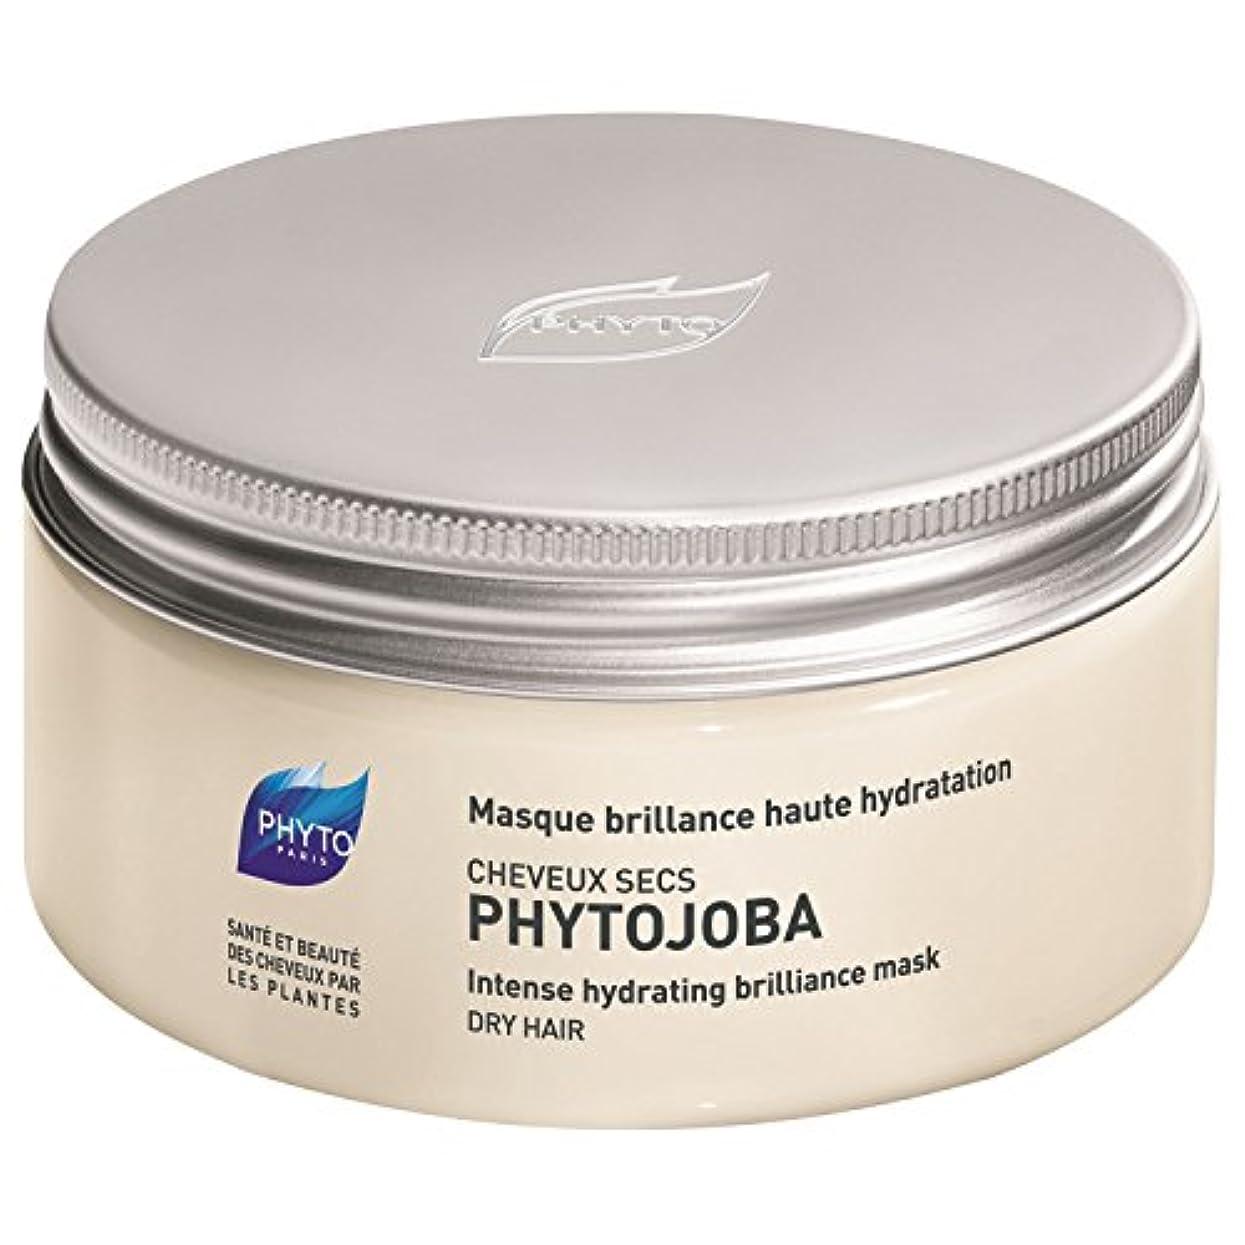 病気のスラム美しいフィトPhytojoba強烈な水分補給マスク200ミリリットル (Phyto) (x6) - Phyto Phytojoba Intense Hydrating Mask 200ml (Pack of 6) [並行輸入品]